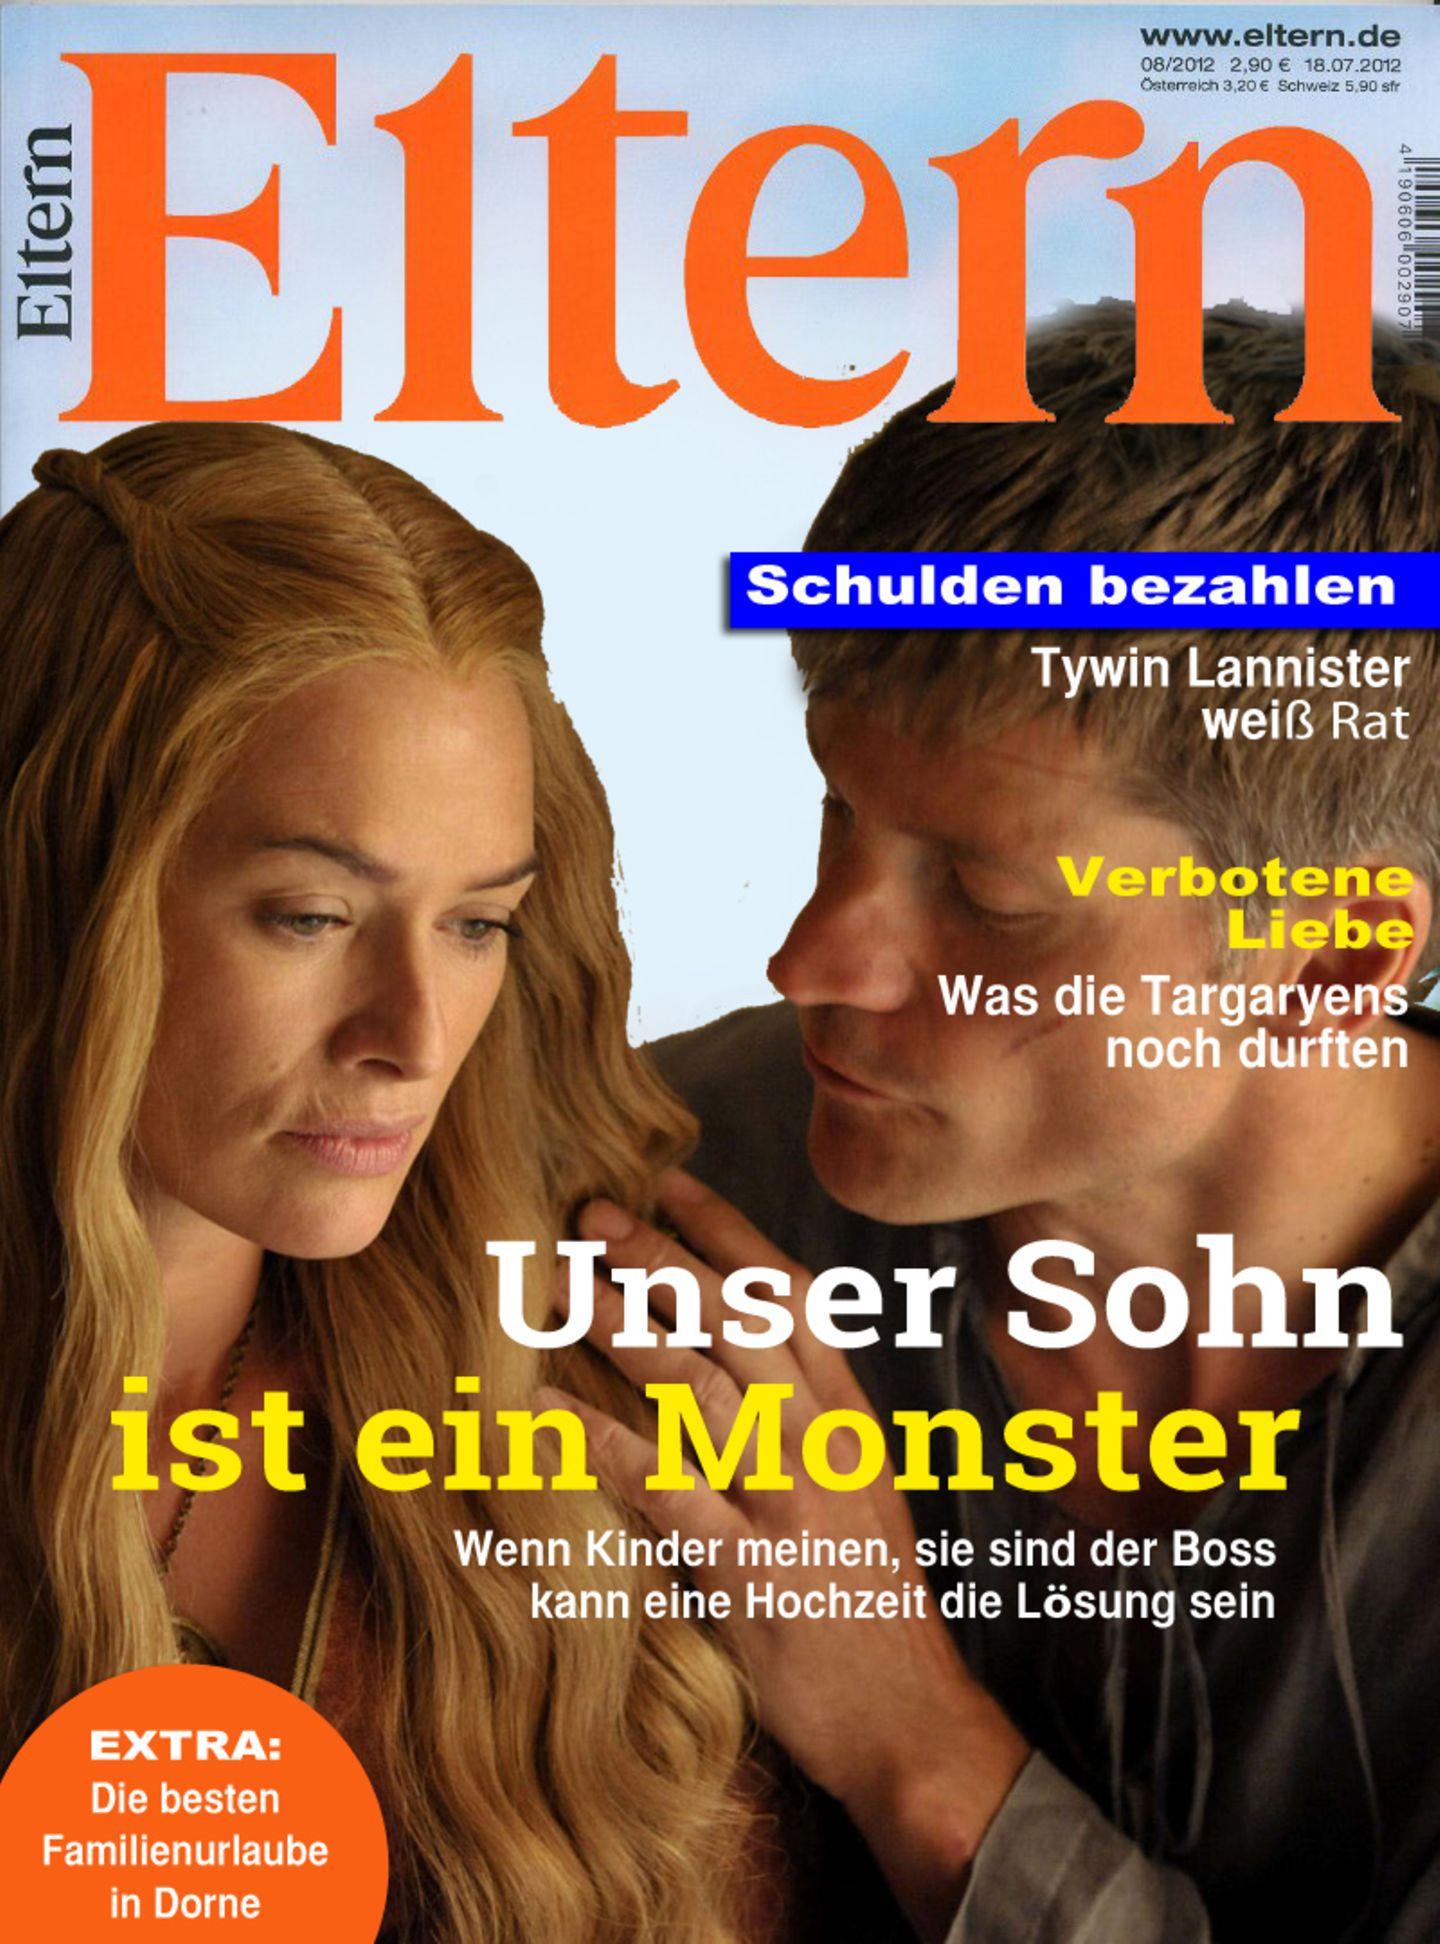 Lannisters haben es ja generell nicht leicht in Familienfragen - aber ob diese Zeitschrift helfen kann? Bei dem kleinen Joffrey wäre vermutlich auch die Super-Nanny überfordert gewesen.